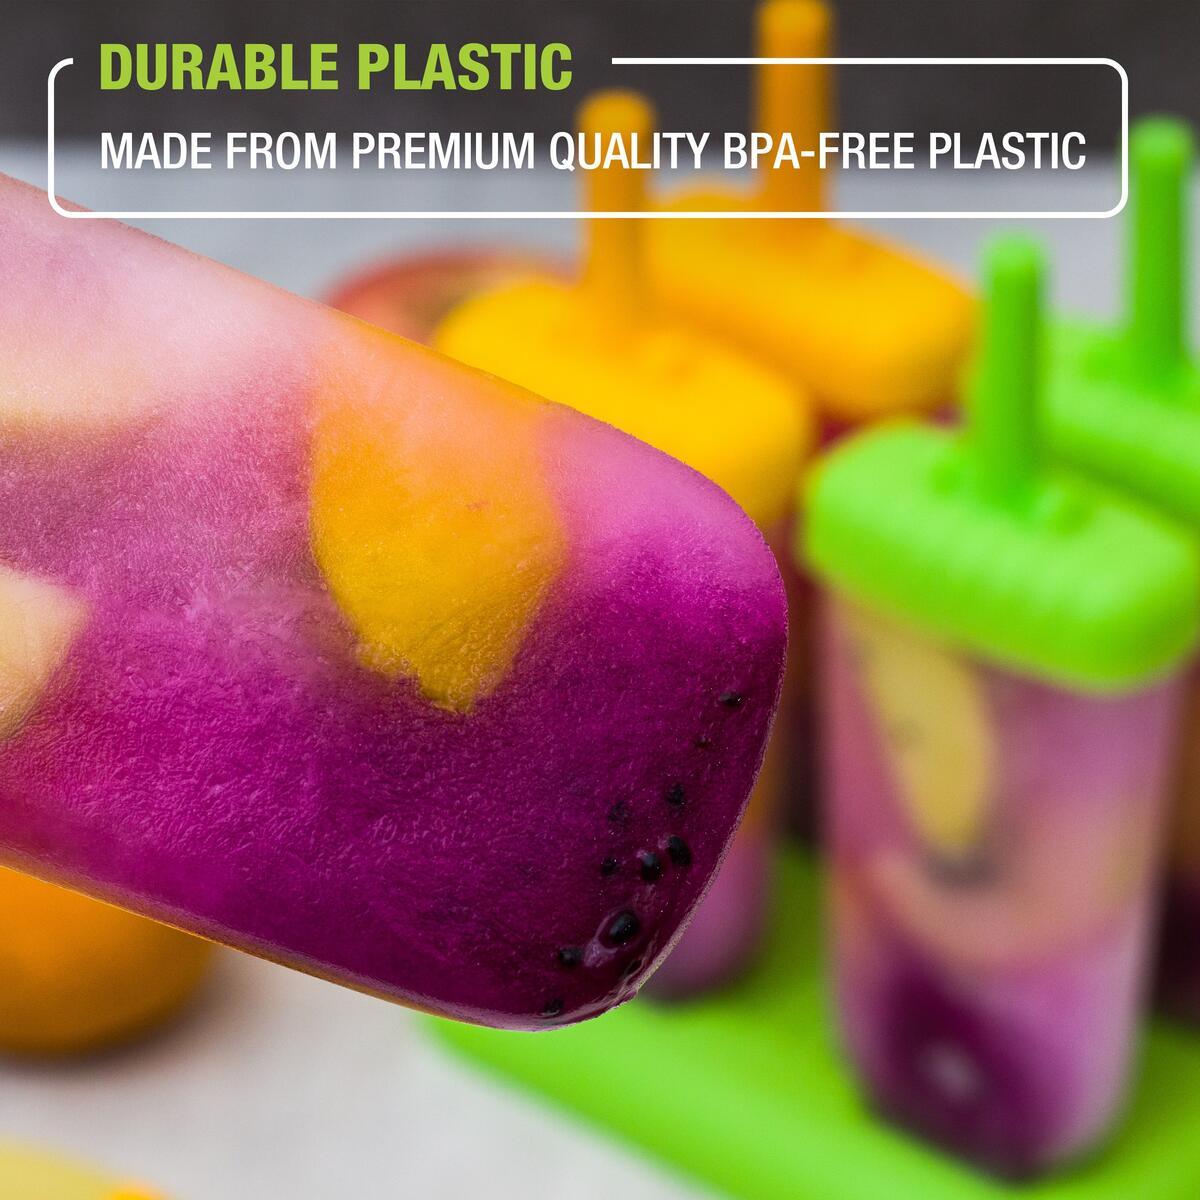 Eparé Popsicle Molds